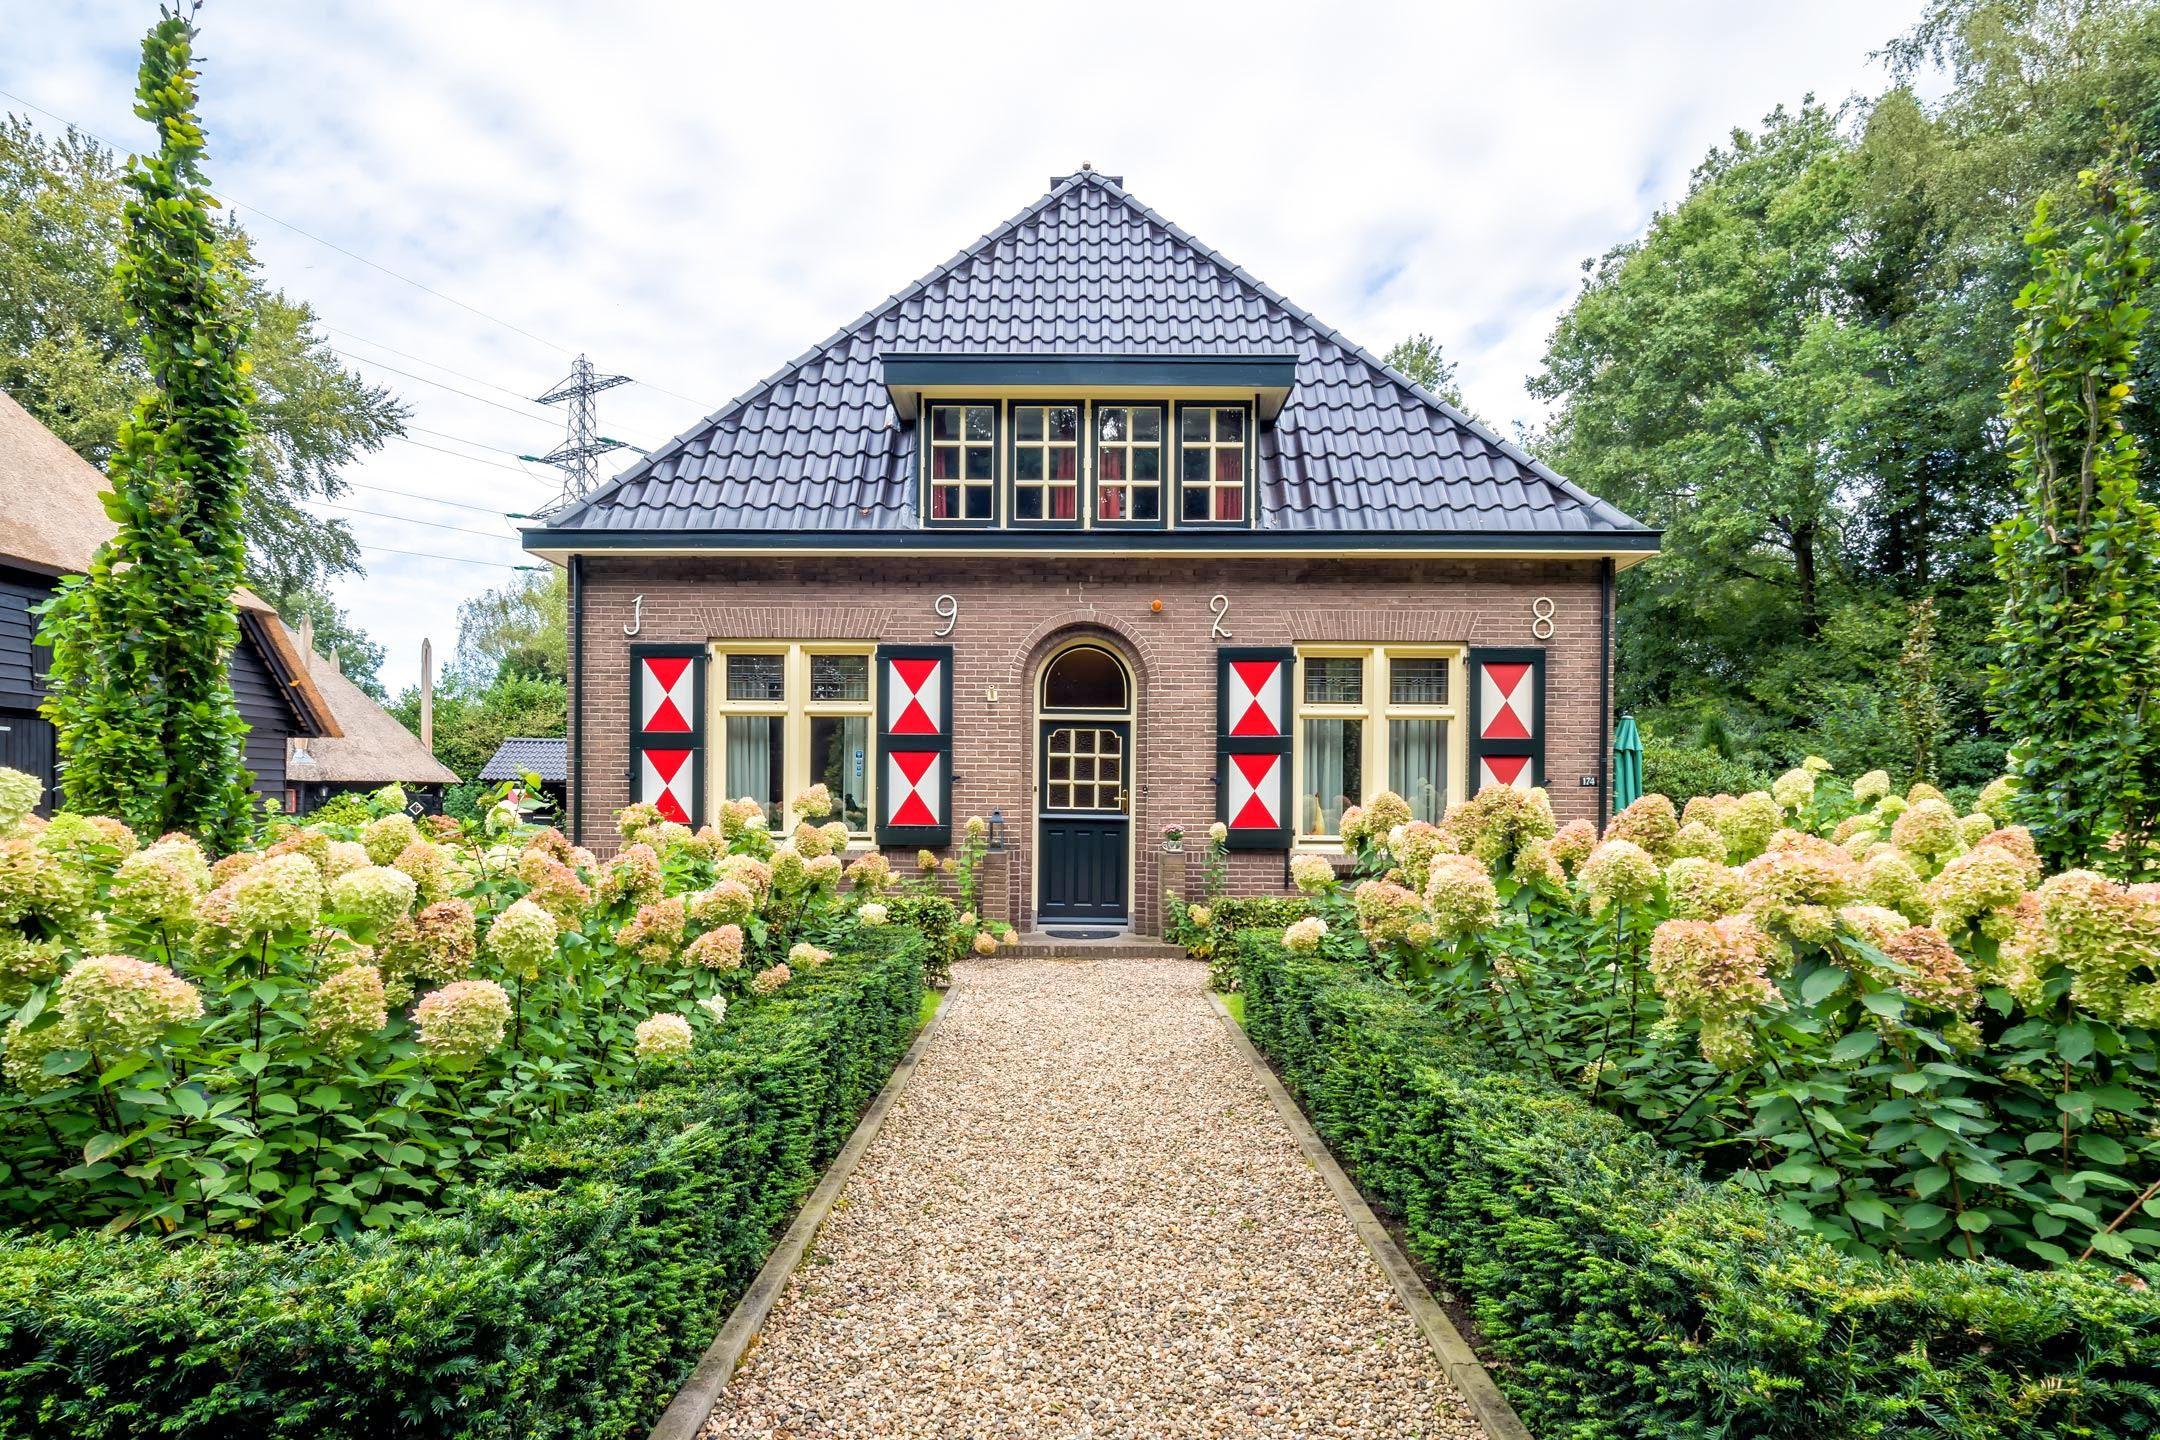 Huis te koop horsterweg 174 3853 jg ermelo funda for Woonboerderij te koop veluwe